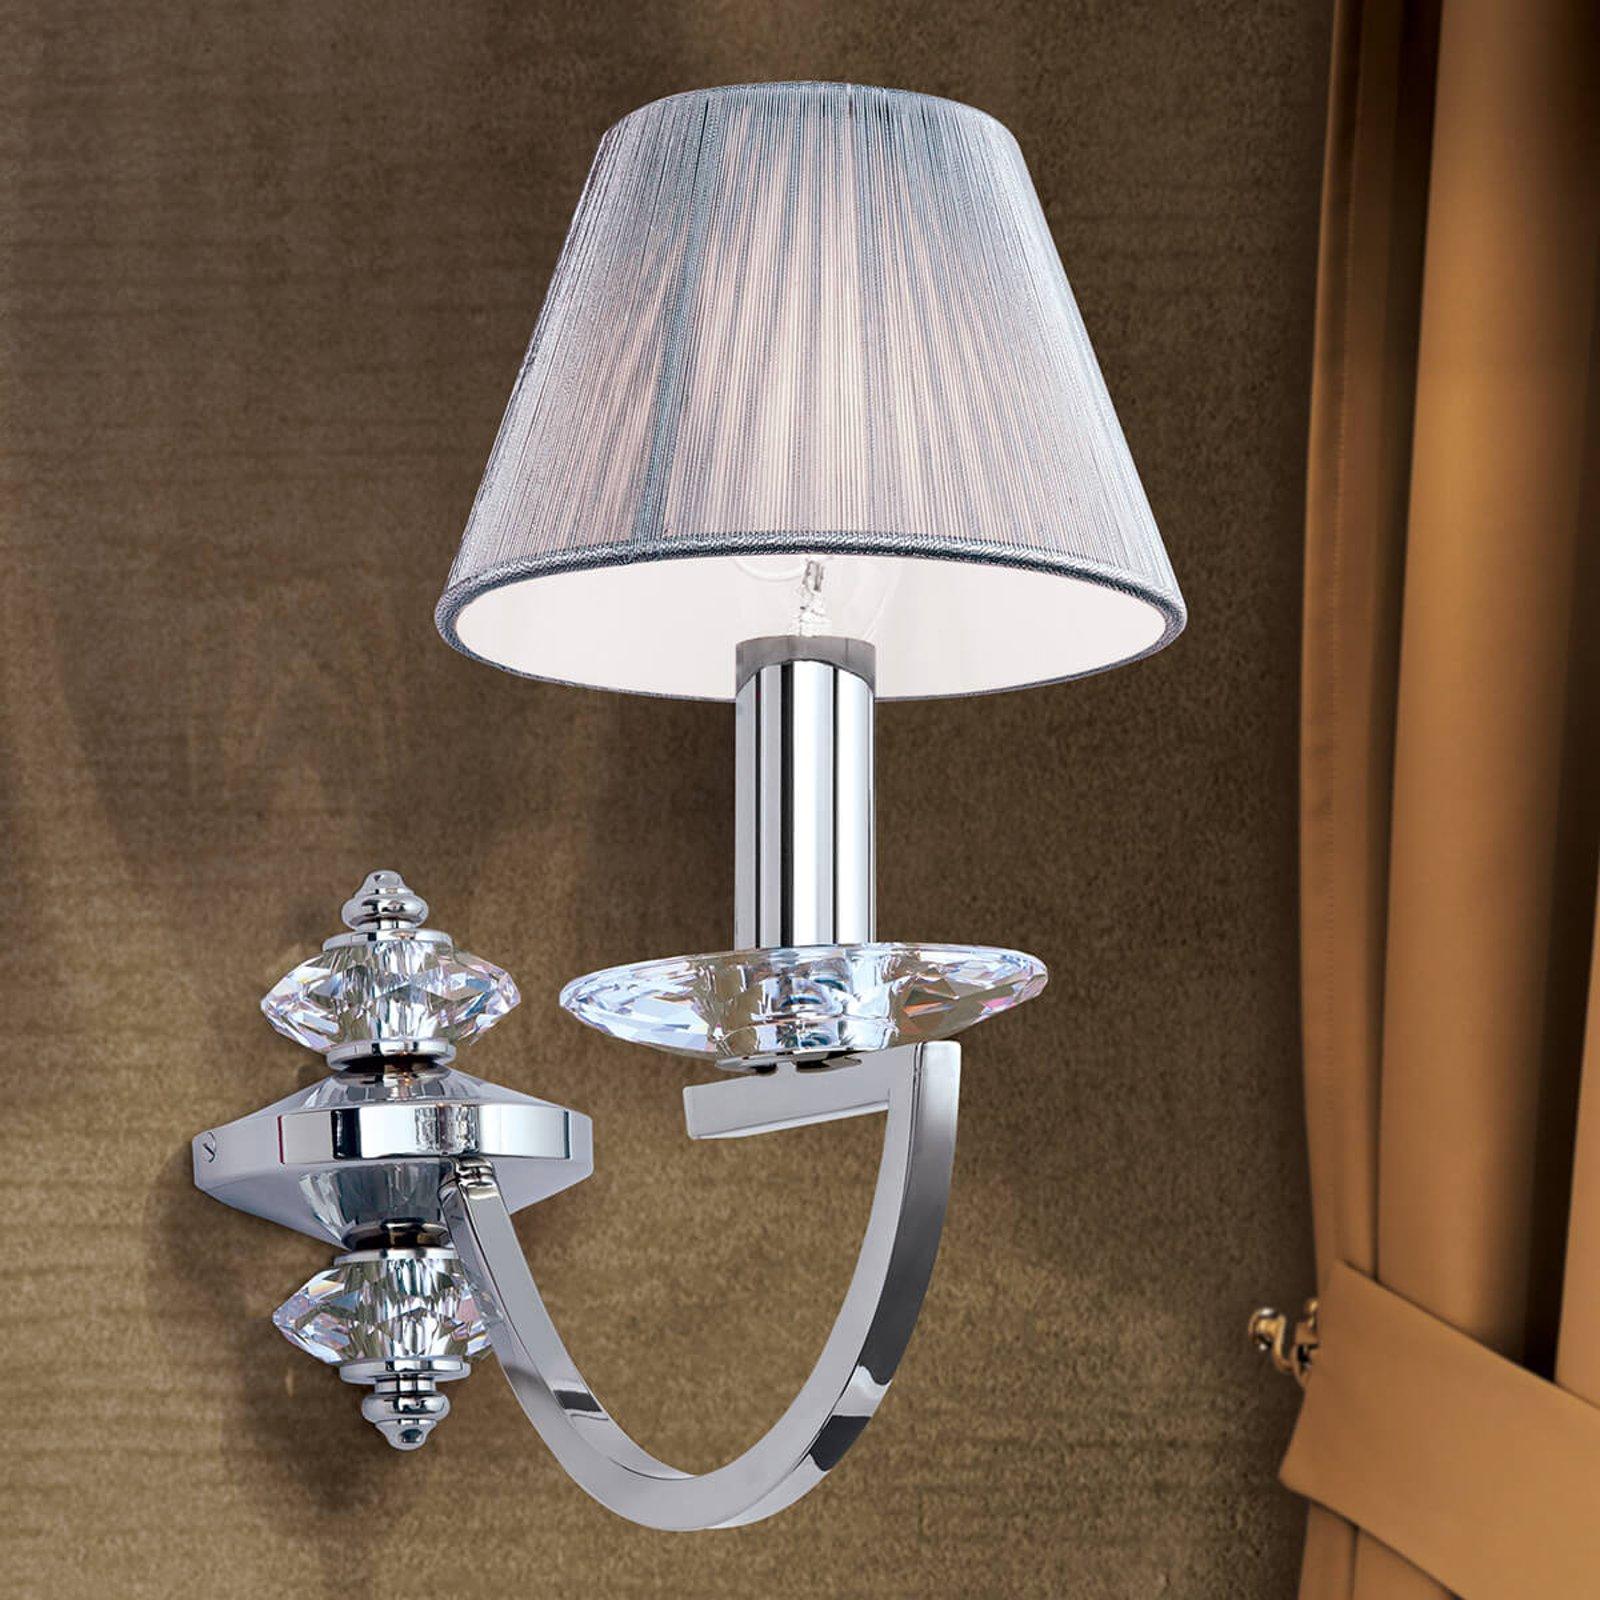 Vegglampe Avala med krystallapplikasjoner